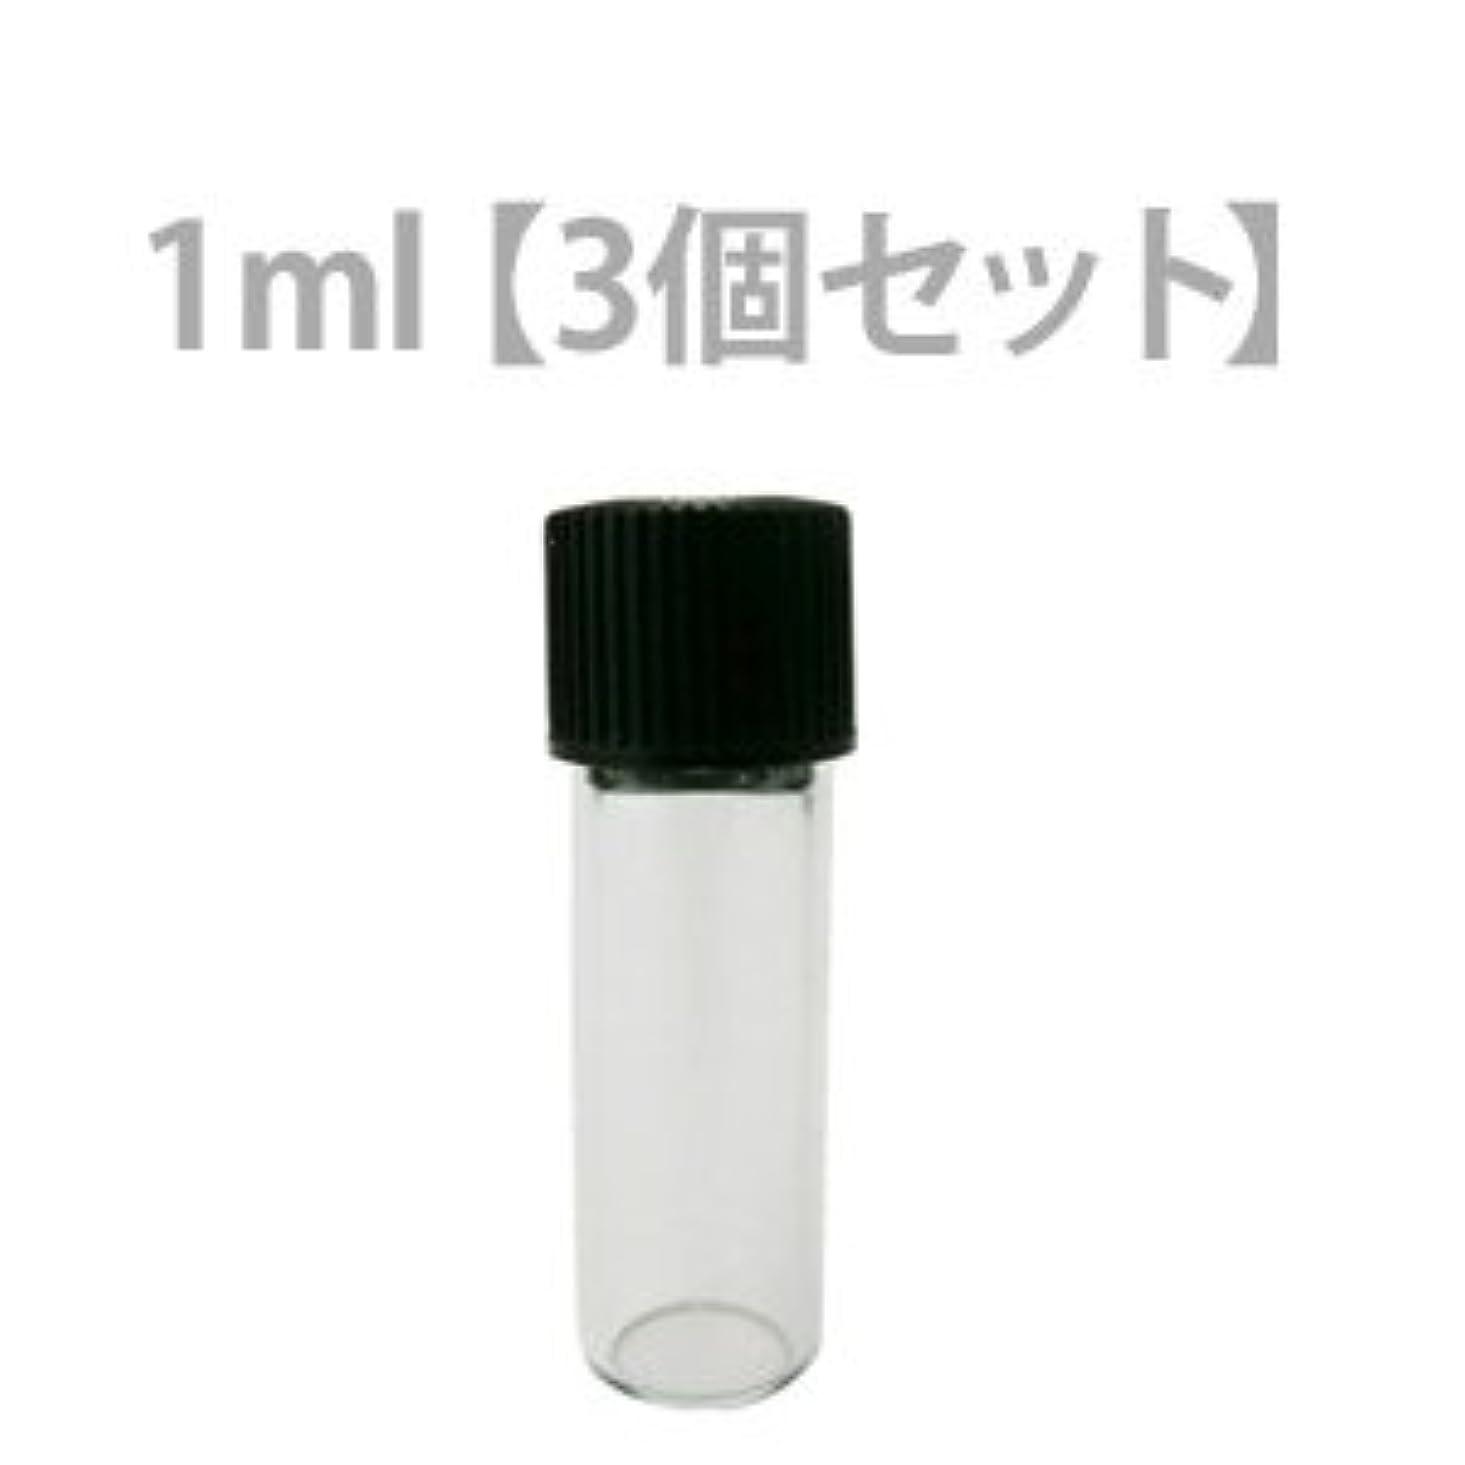 混乱させる気取らないブリークバイアル透明ガラス瓶 1ml (3個セット) 【化粧品容器】